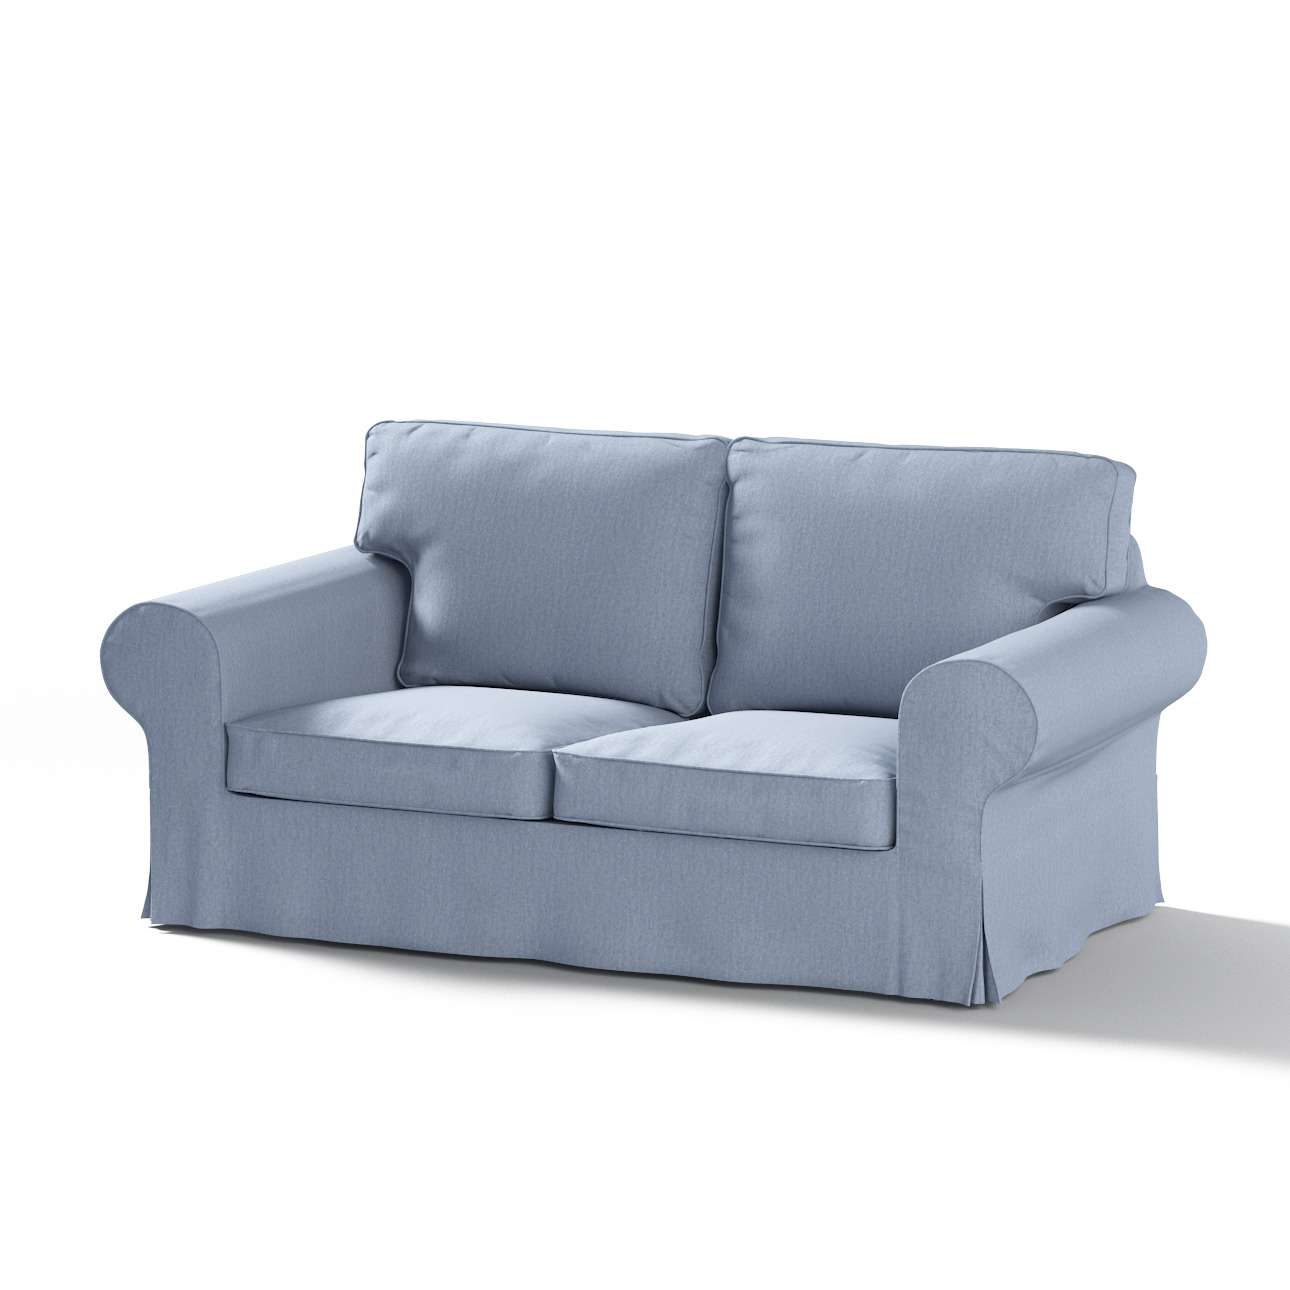 Bezug für Ektorp 2-Sitzer Schlafsofa ALTES Modell von der Kollektion Chenille, Stoff: 702-13